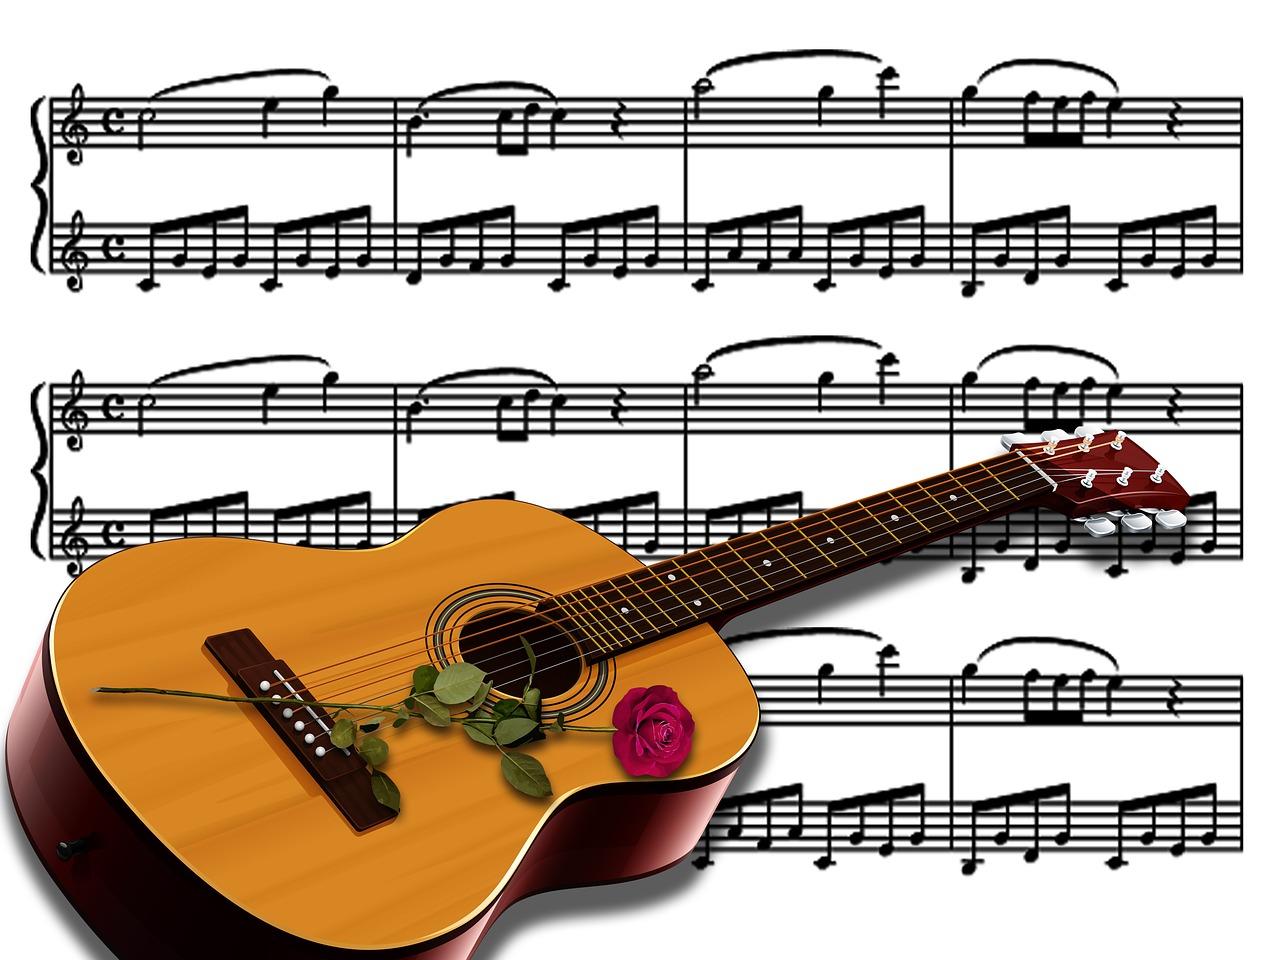 ギター大好き ピラマのブログ